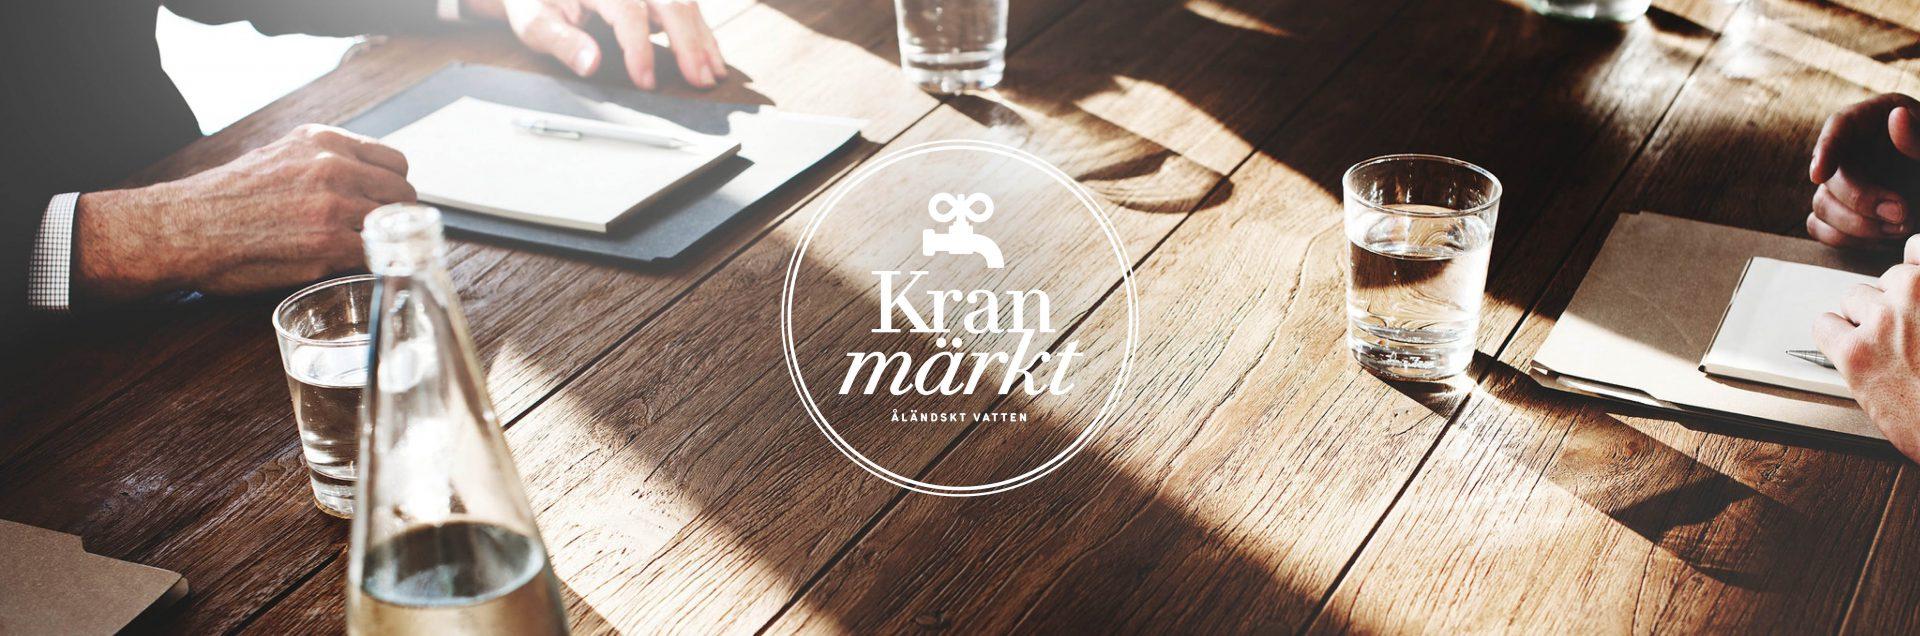 kranmarkt-slider